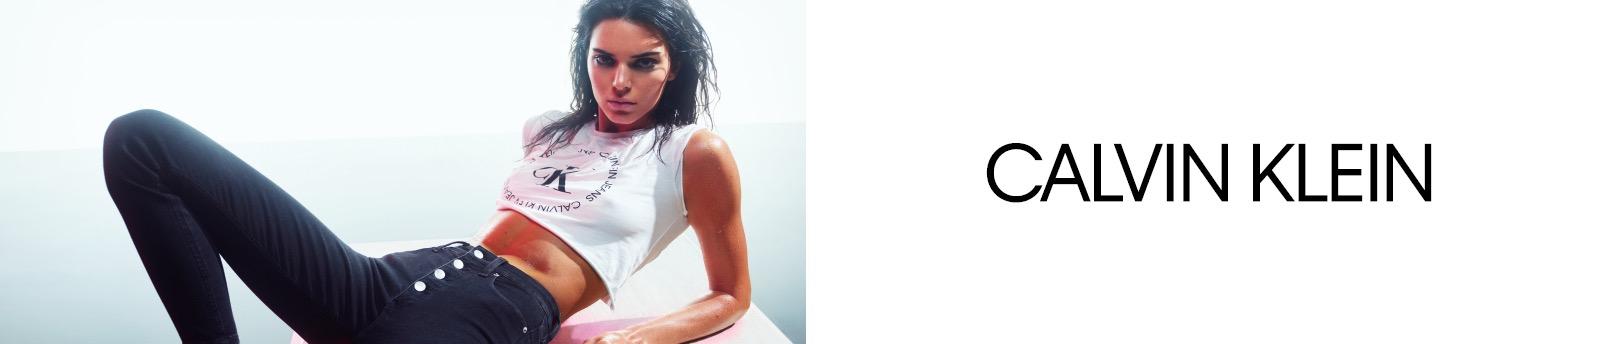 Maglieria da donna | La collezione su Zalando